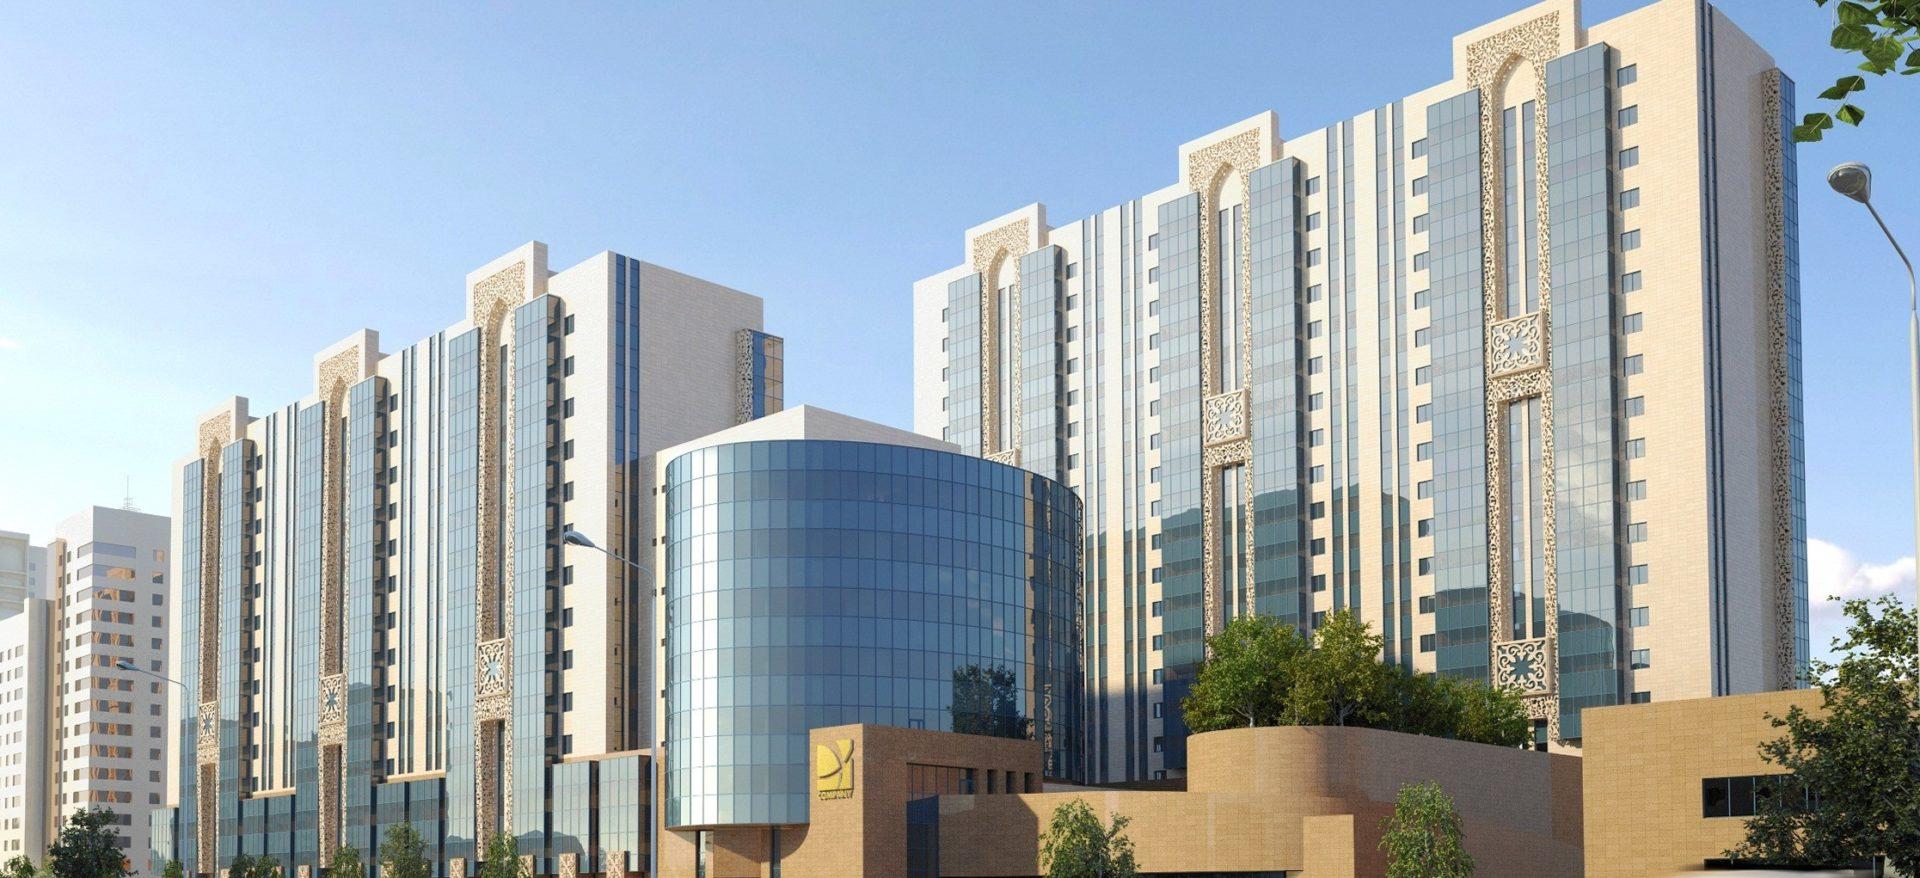 Что будет с ценами на недвижимость в 2021 в Казахстане?